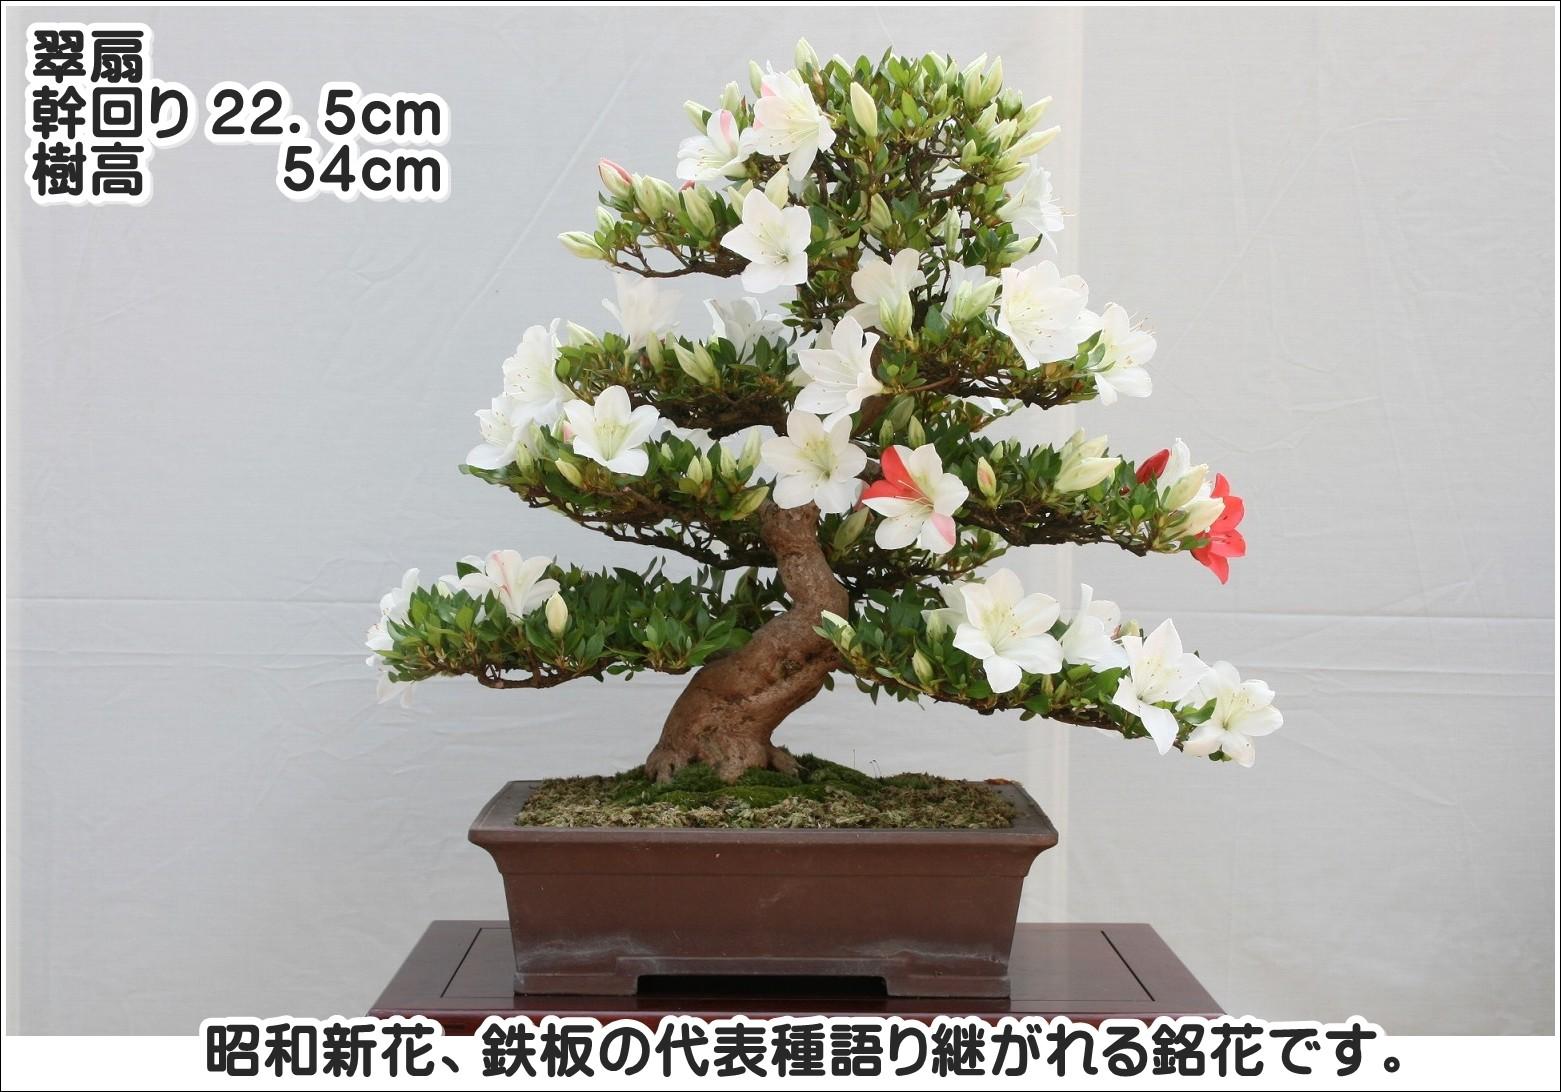 昭和新花、鉄板の代表種語り継がれる銘花です。